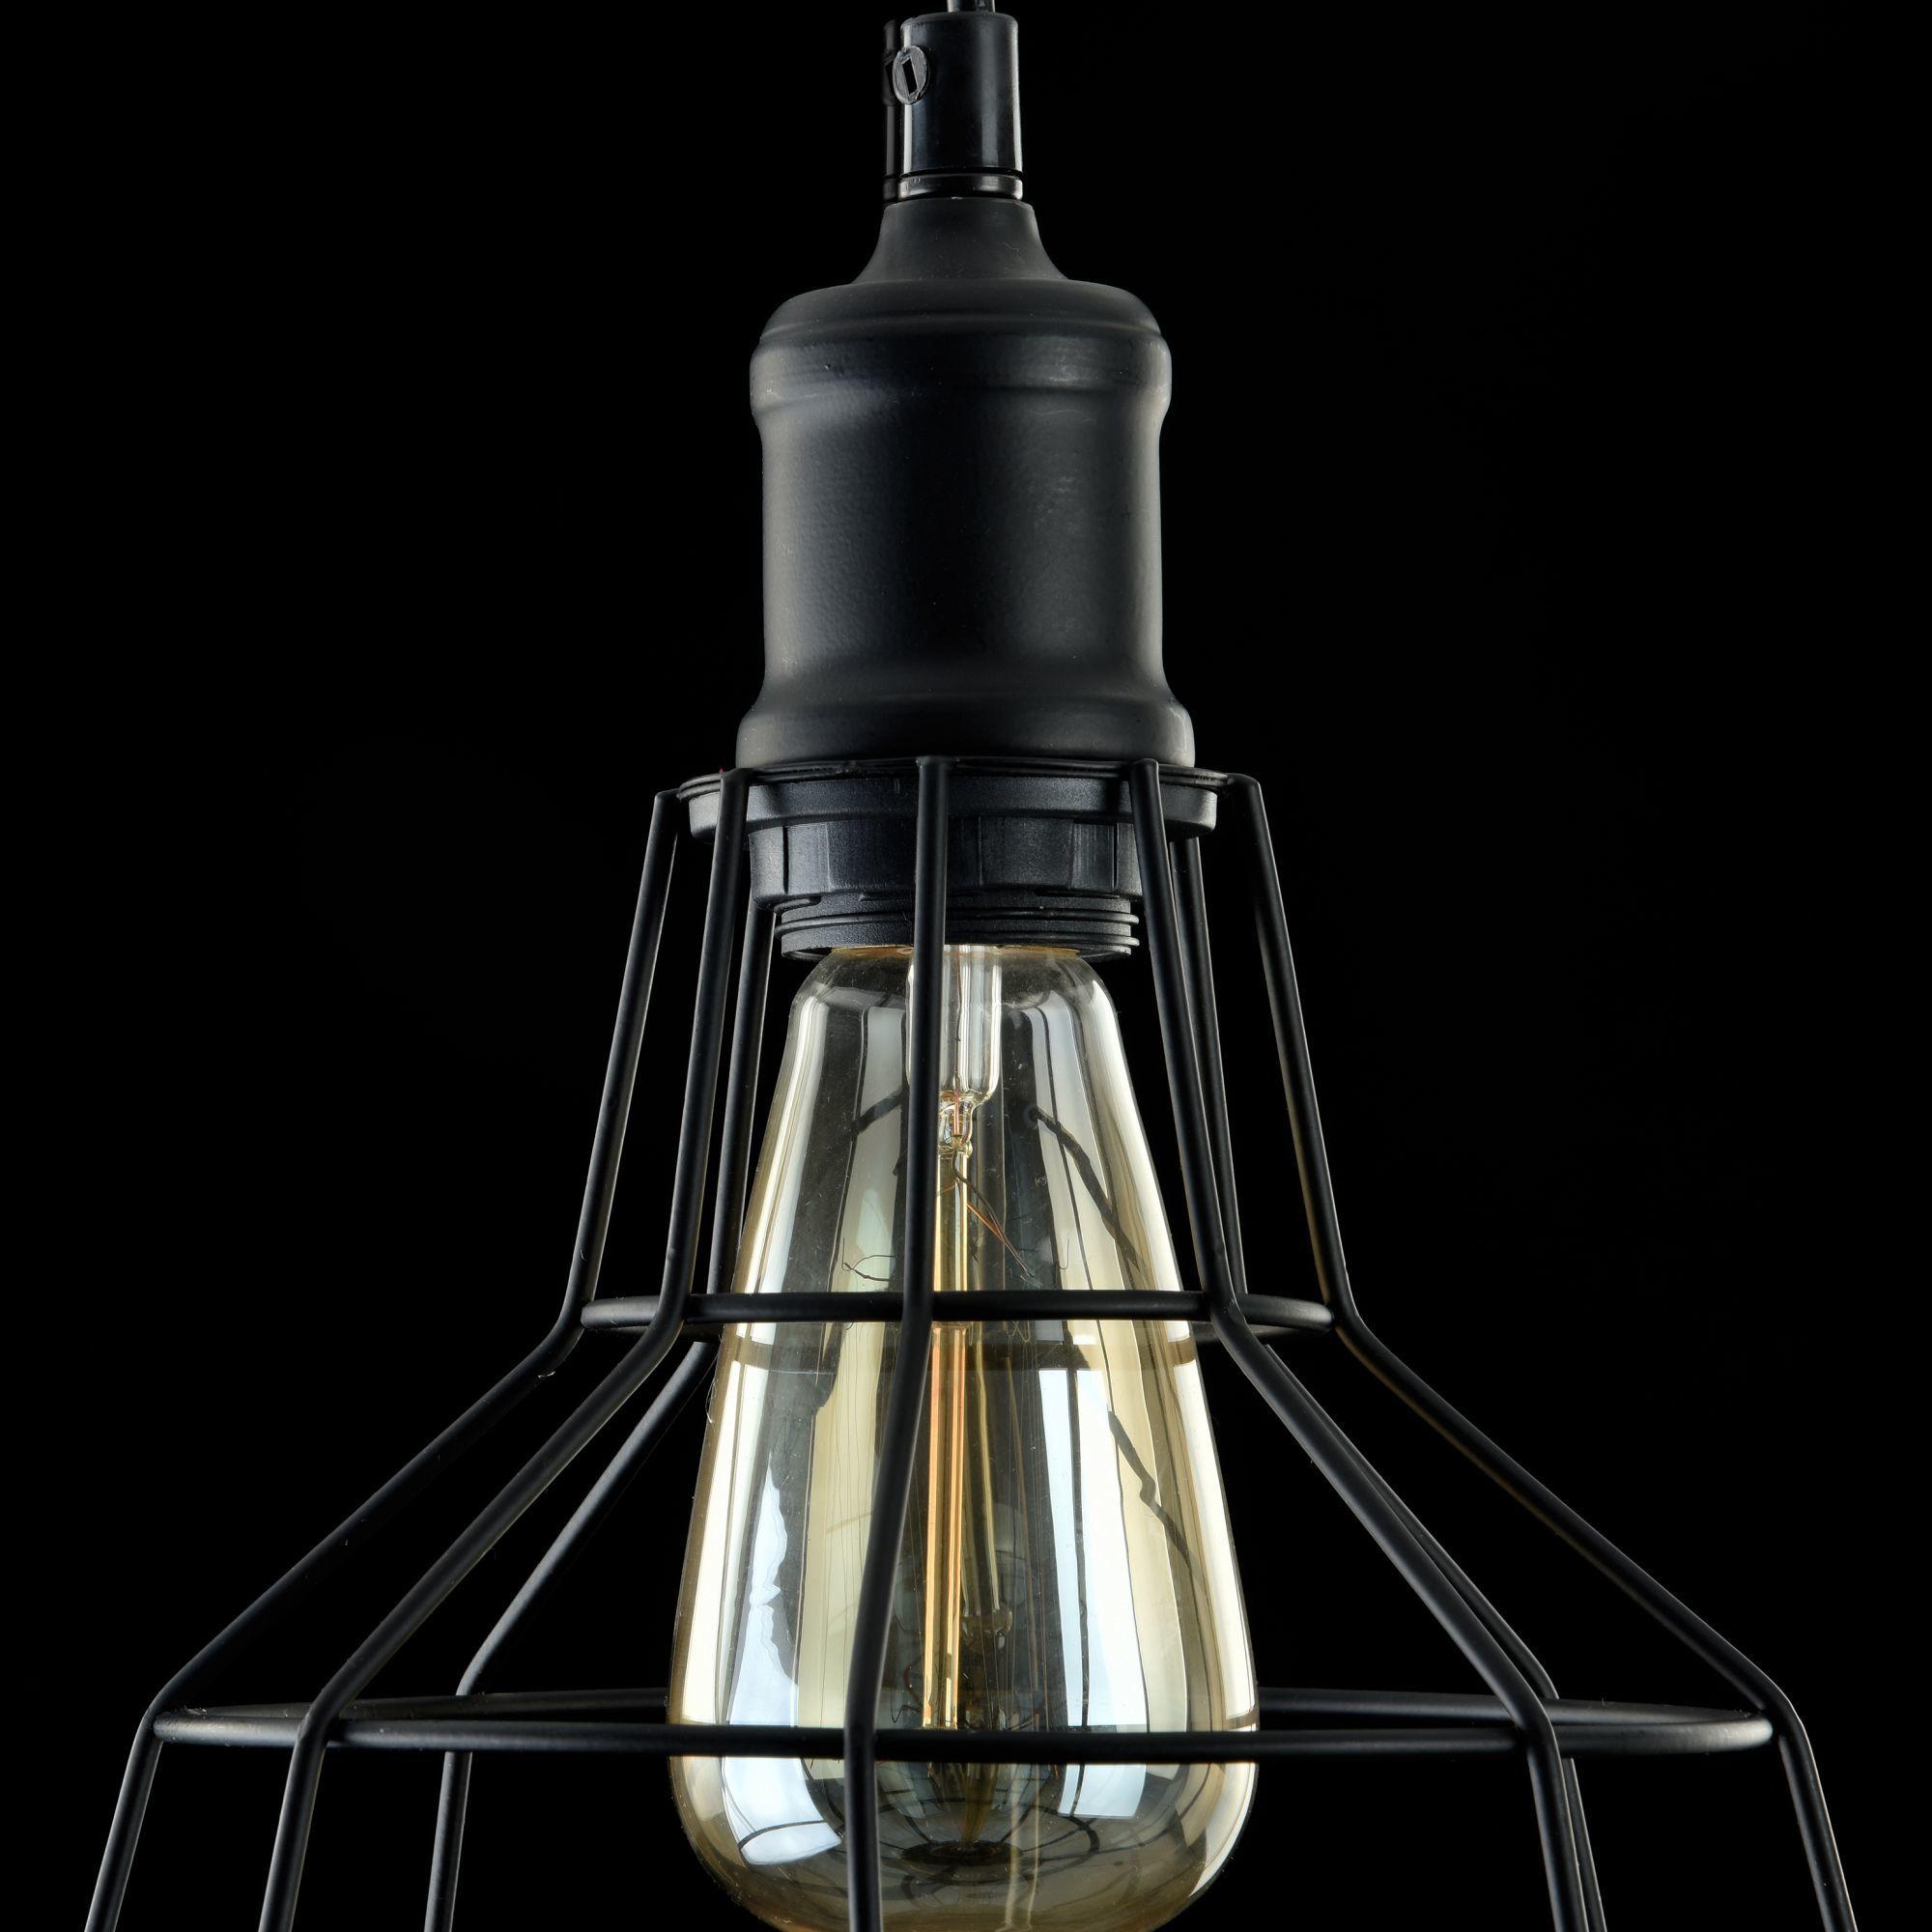 Подвесной светильник Maytoni Loft Denver T448-PL-01-B, 1xE27x60W, черный, металл - фото 7